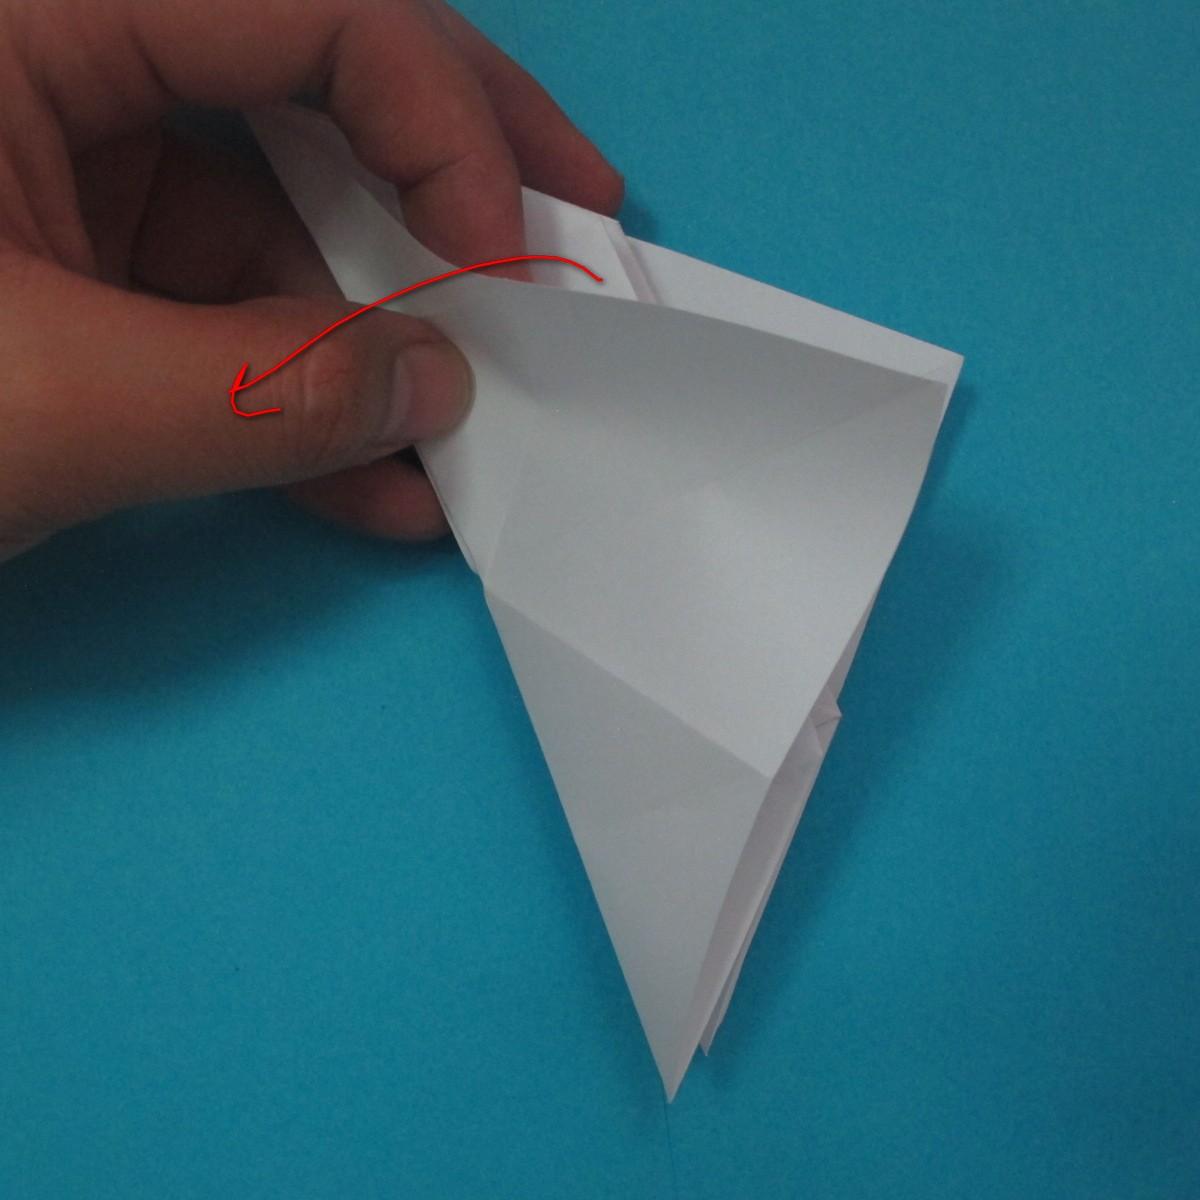 วิธีการพับกระดาษเป็นนกเพนกวิ้น 018